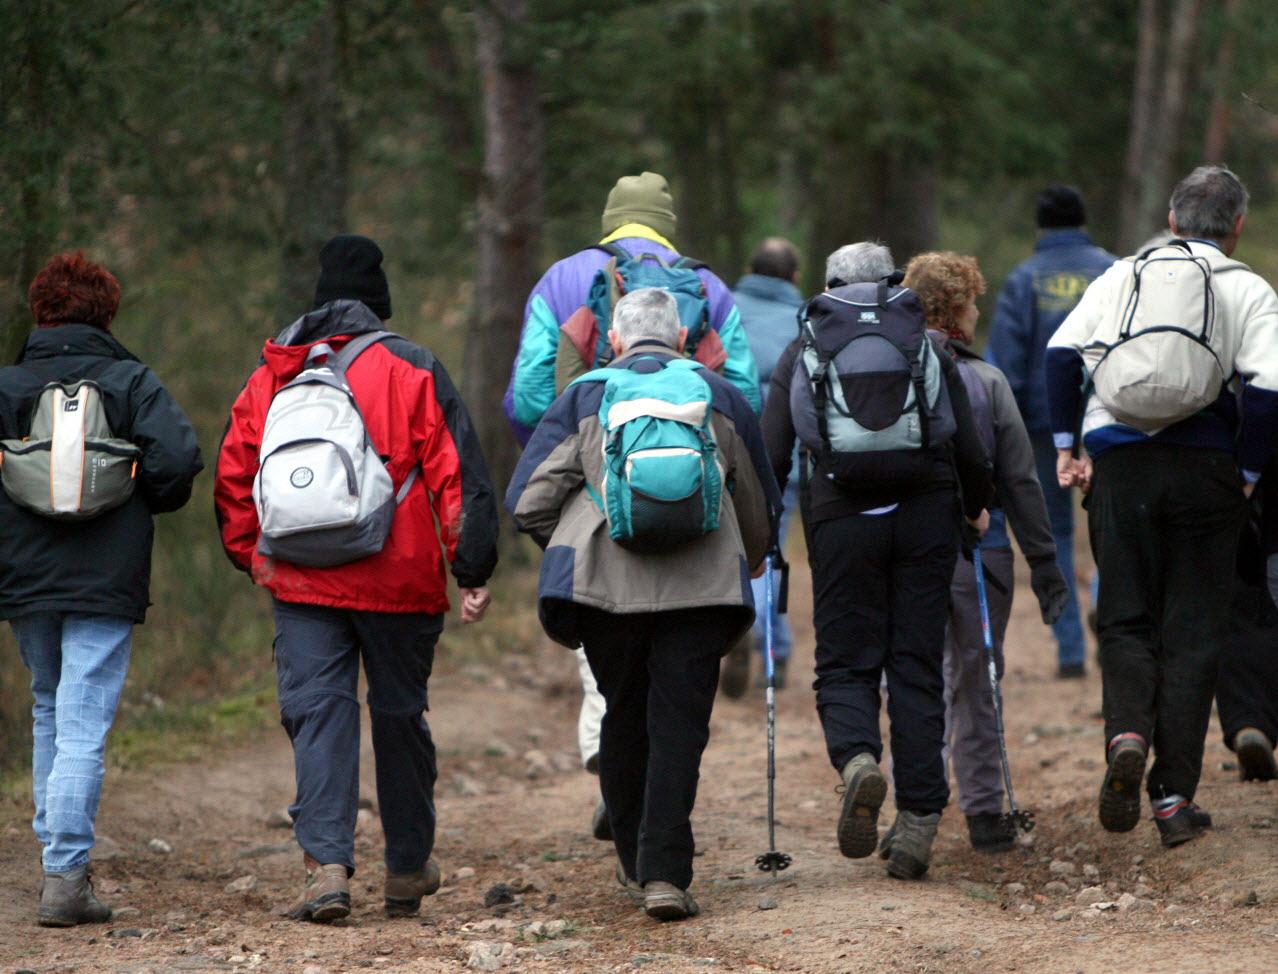 Randonnée : des marches de plusieurs heures ?